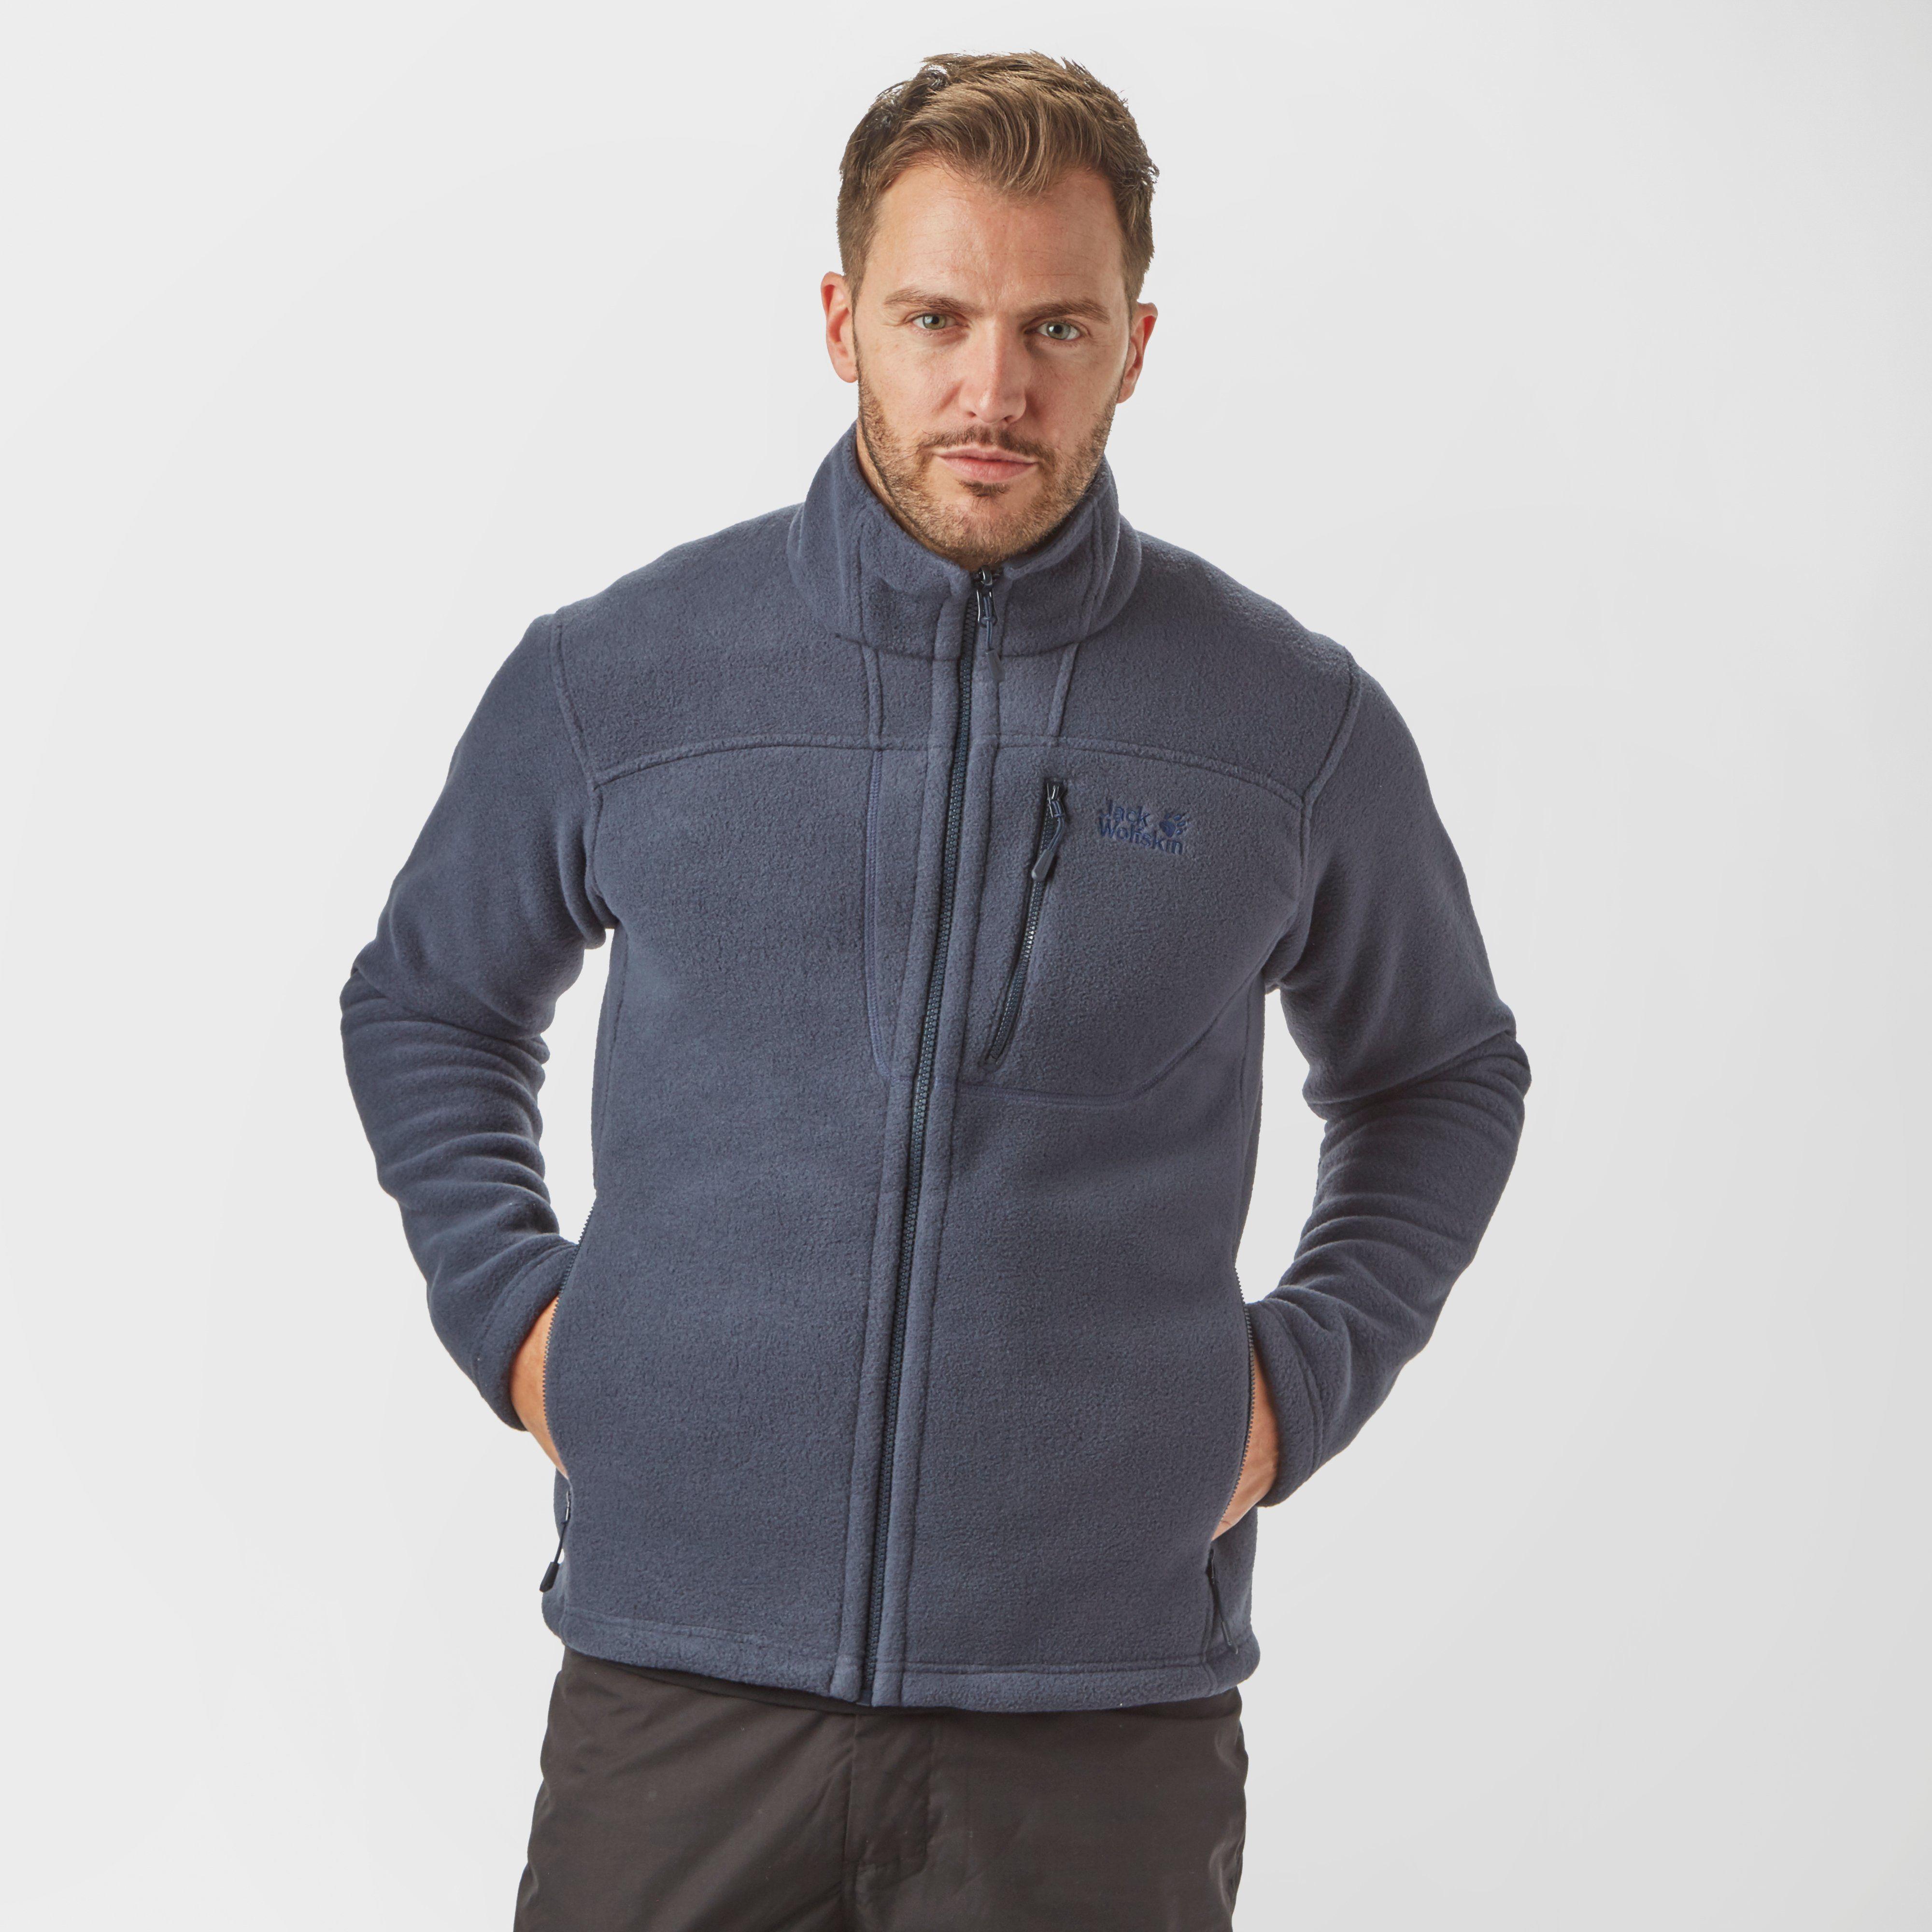 JACK WOLFSKIN Men's Watson Full-Zip Fleece